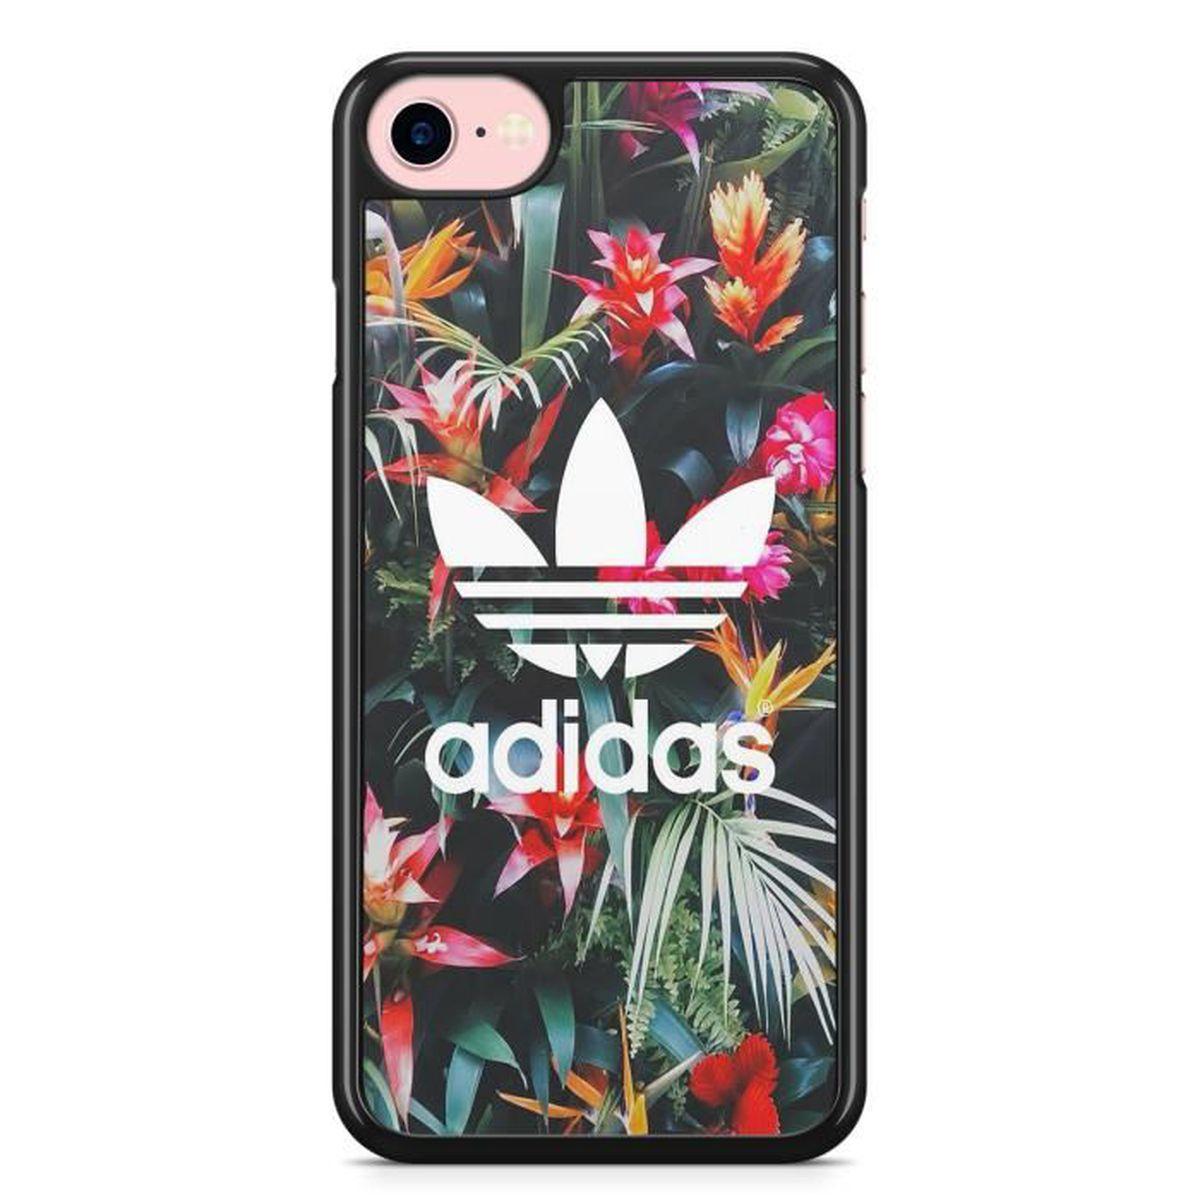 Coque Iphone X Adidas Original's etui housse bumper